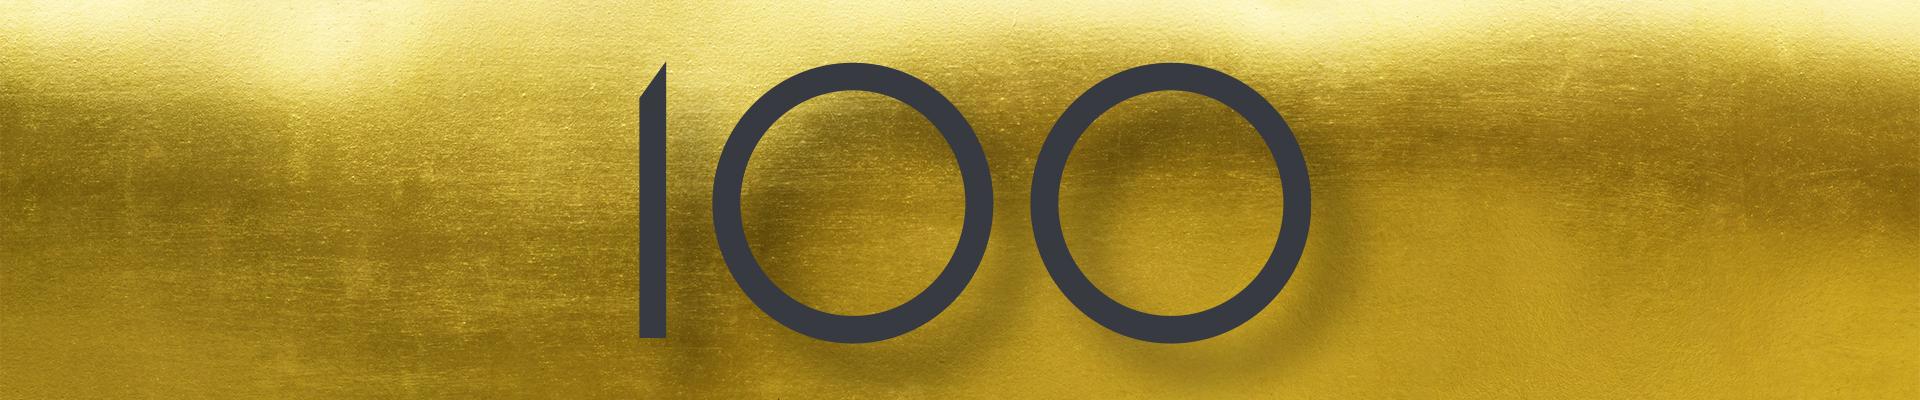 100-Jahre-Jubiläum